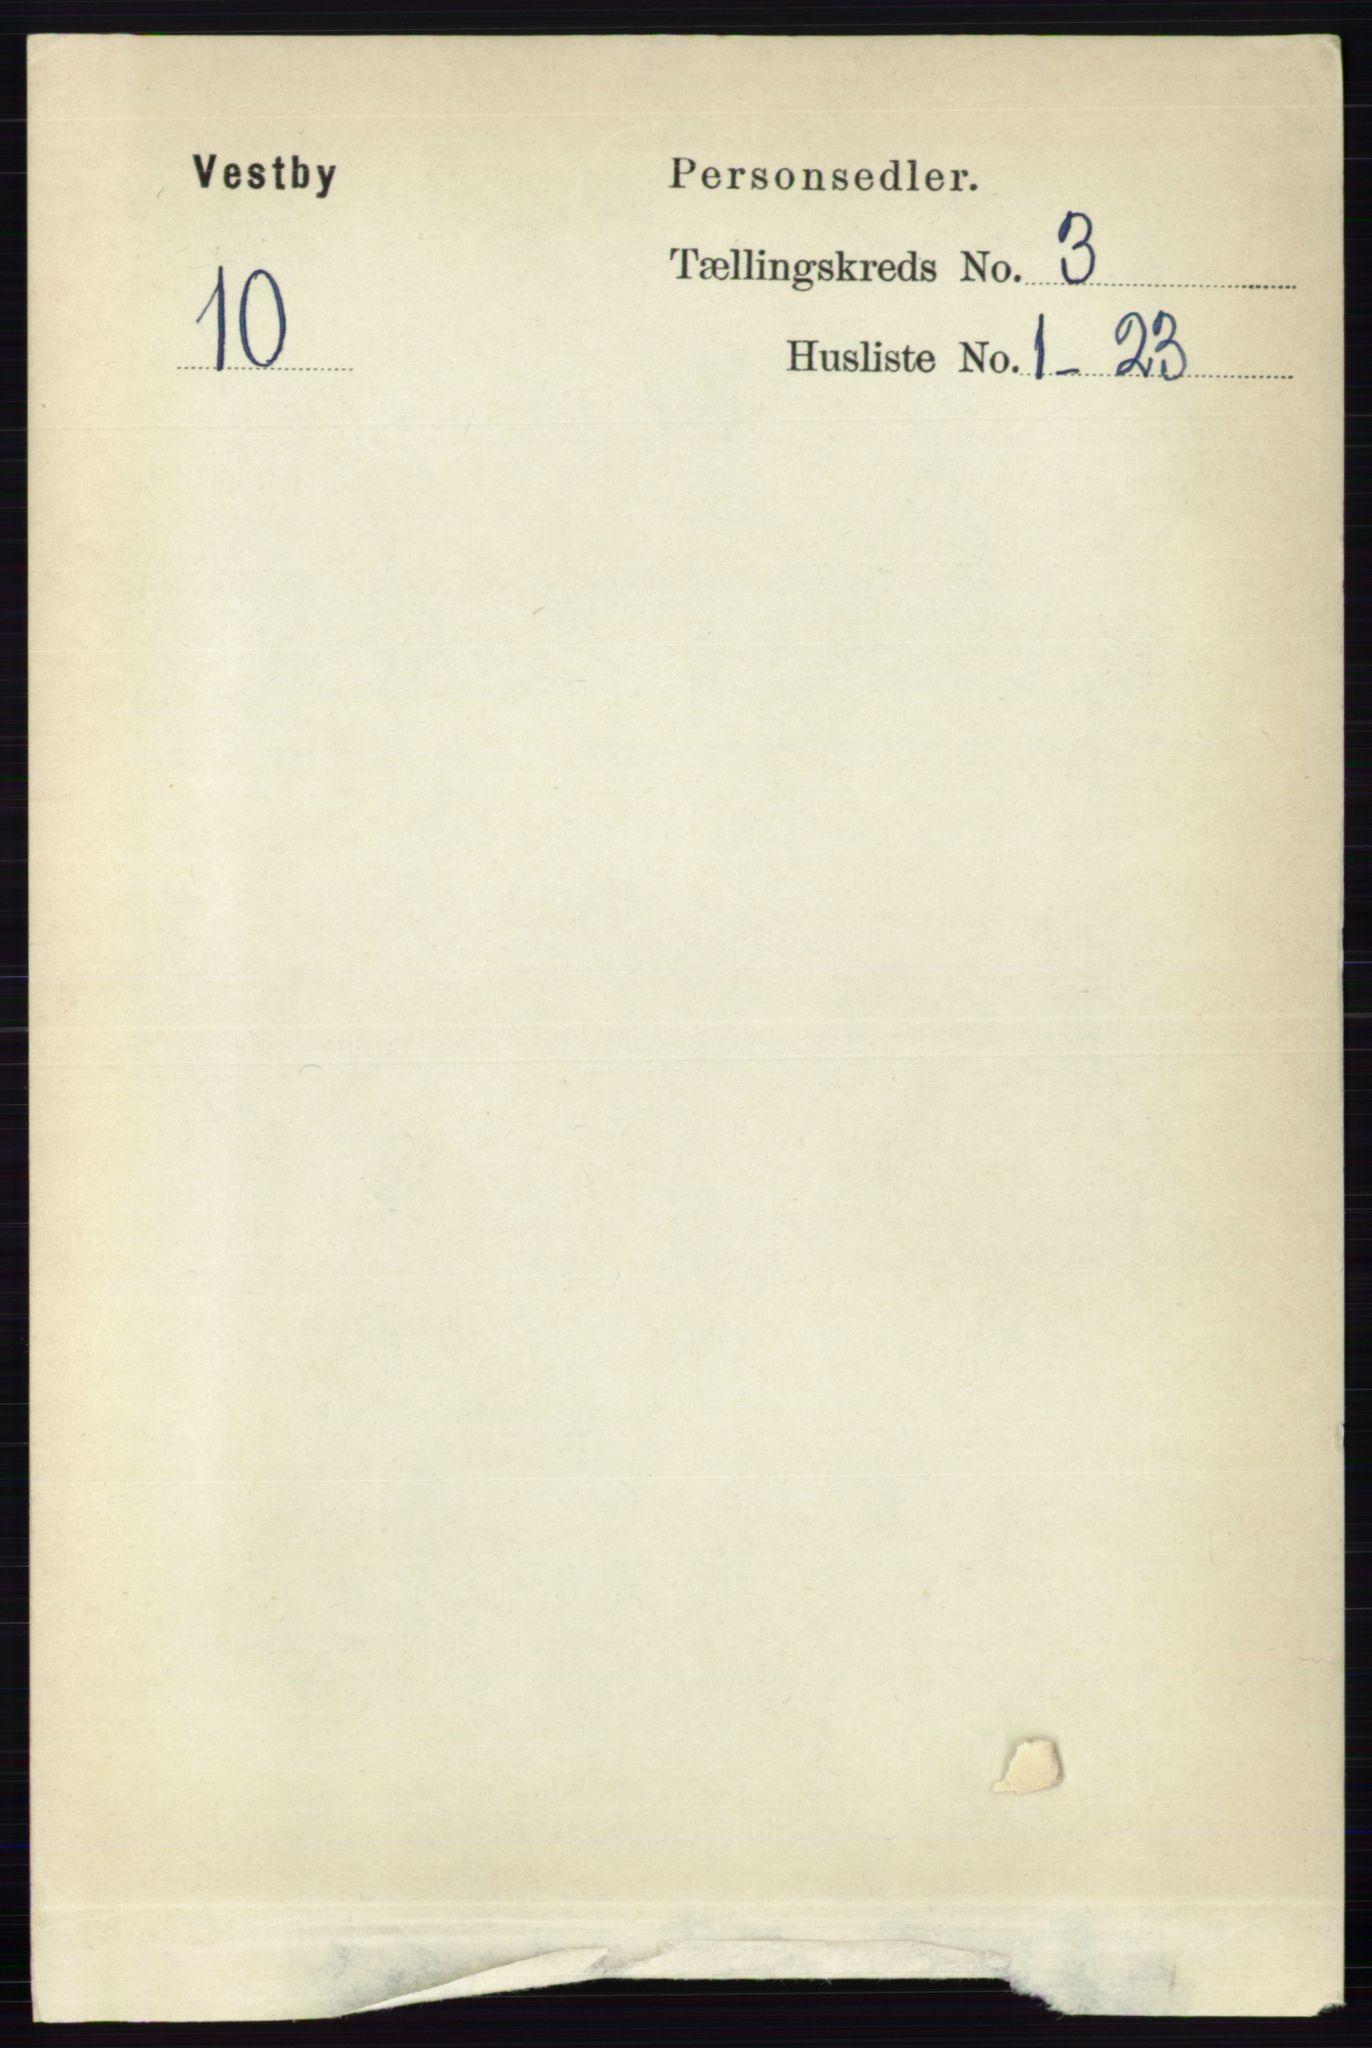 RA, Folketelling 1891 for 0211 Vestby herred, 1891, s. 1030